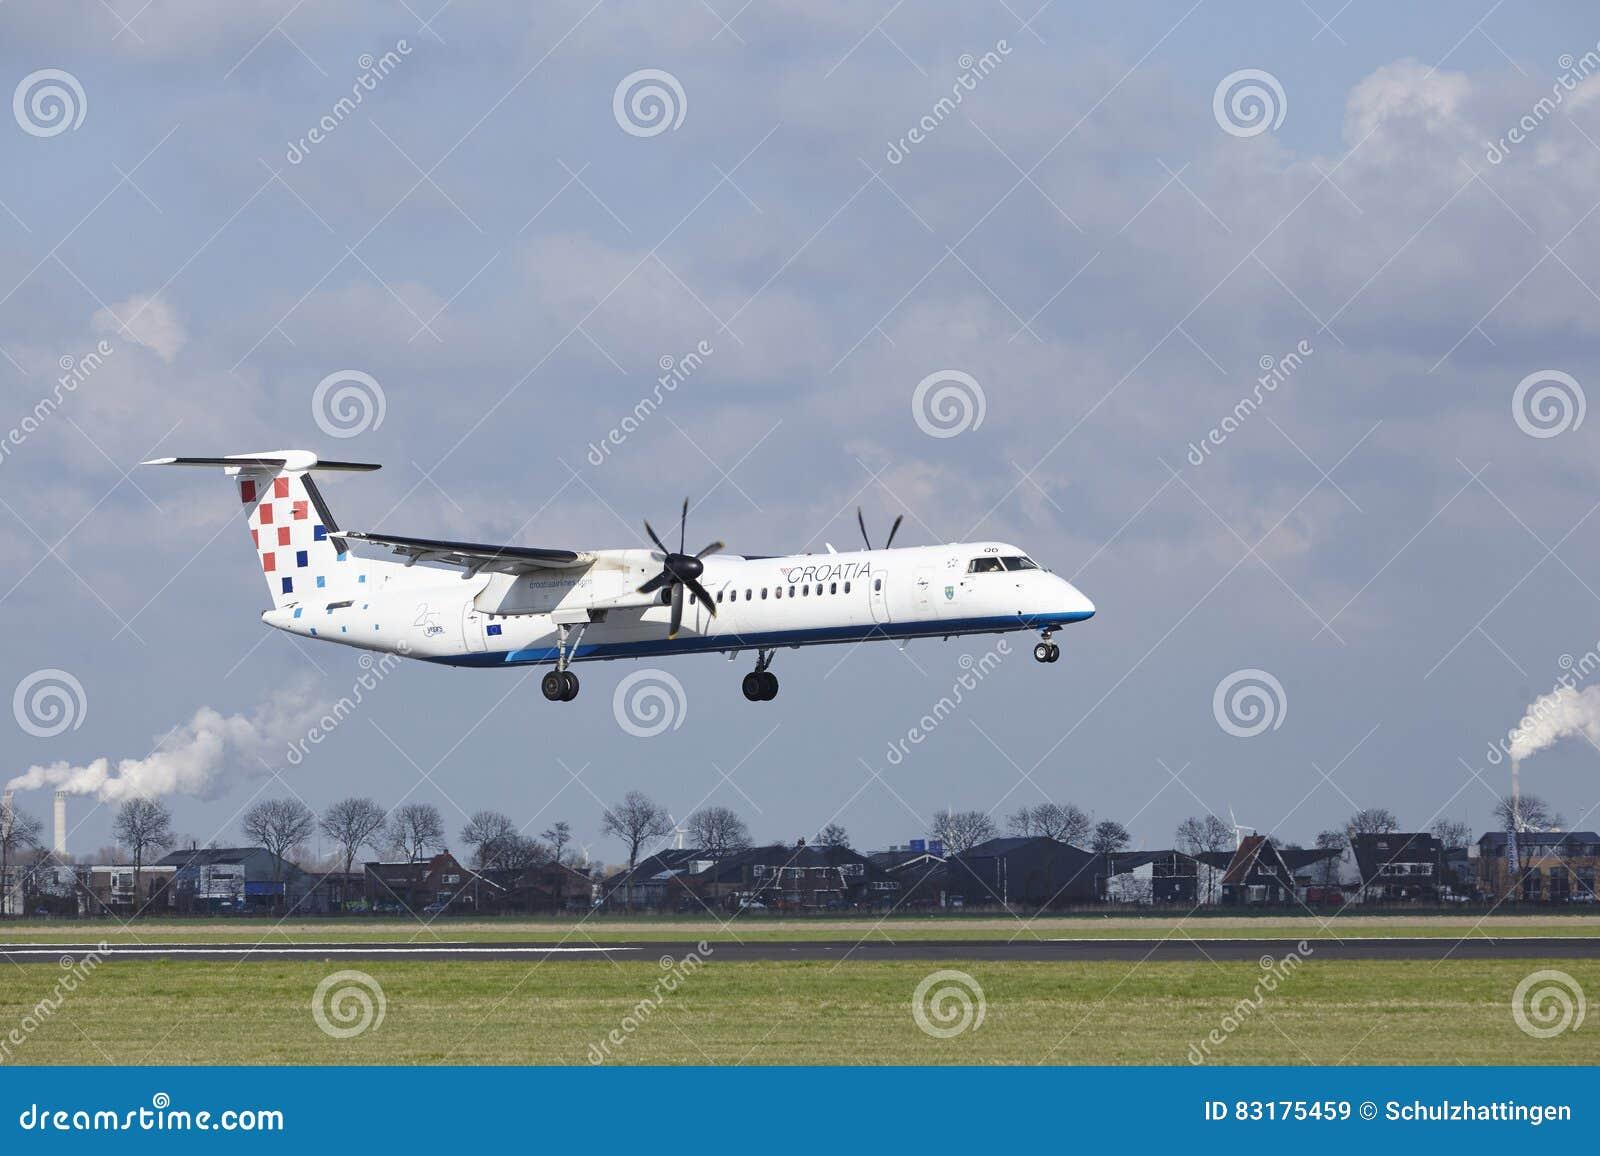 阿姆斯特丹史基浦机场-克罗地亚航空公司投炸弹者破折号8土地